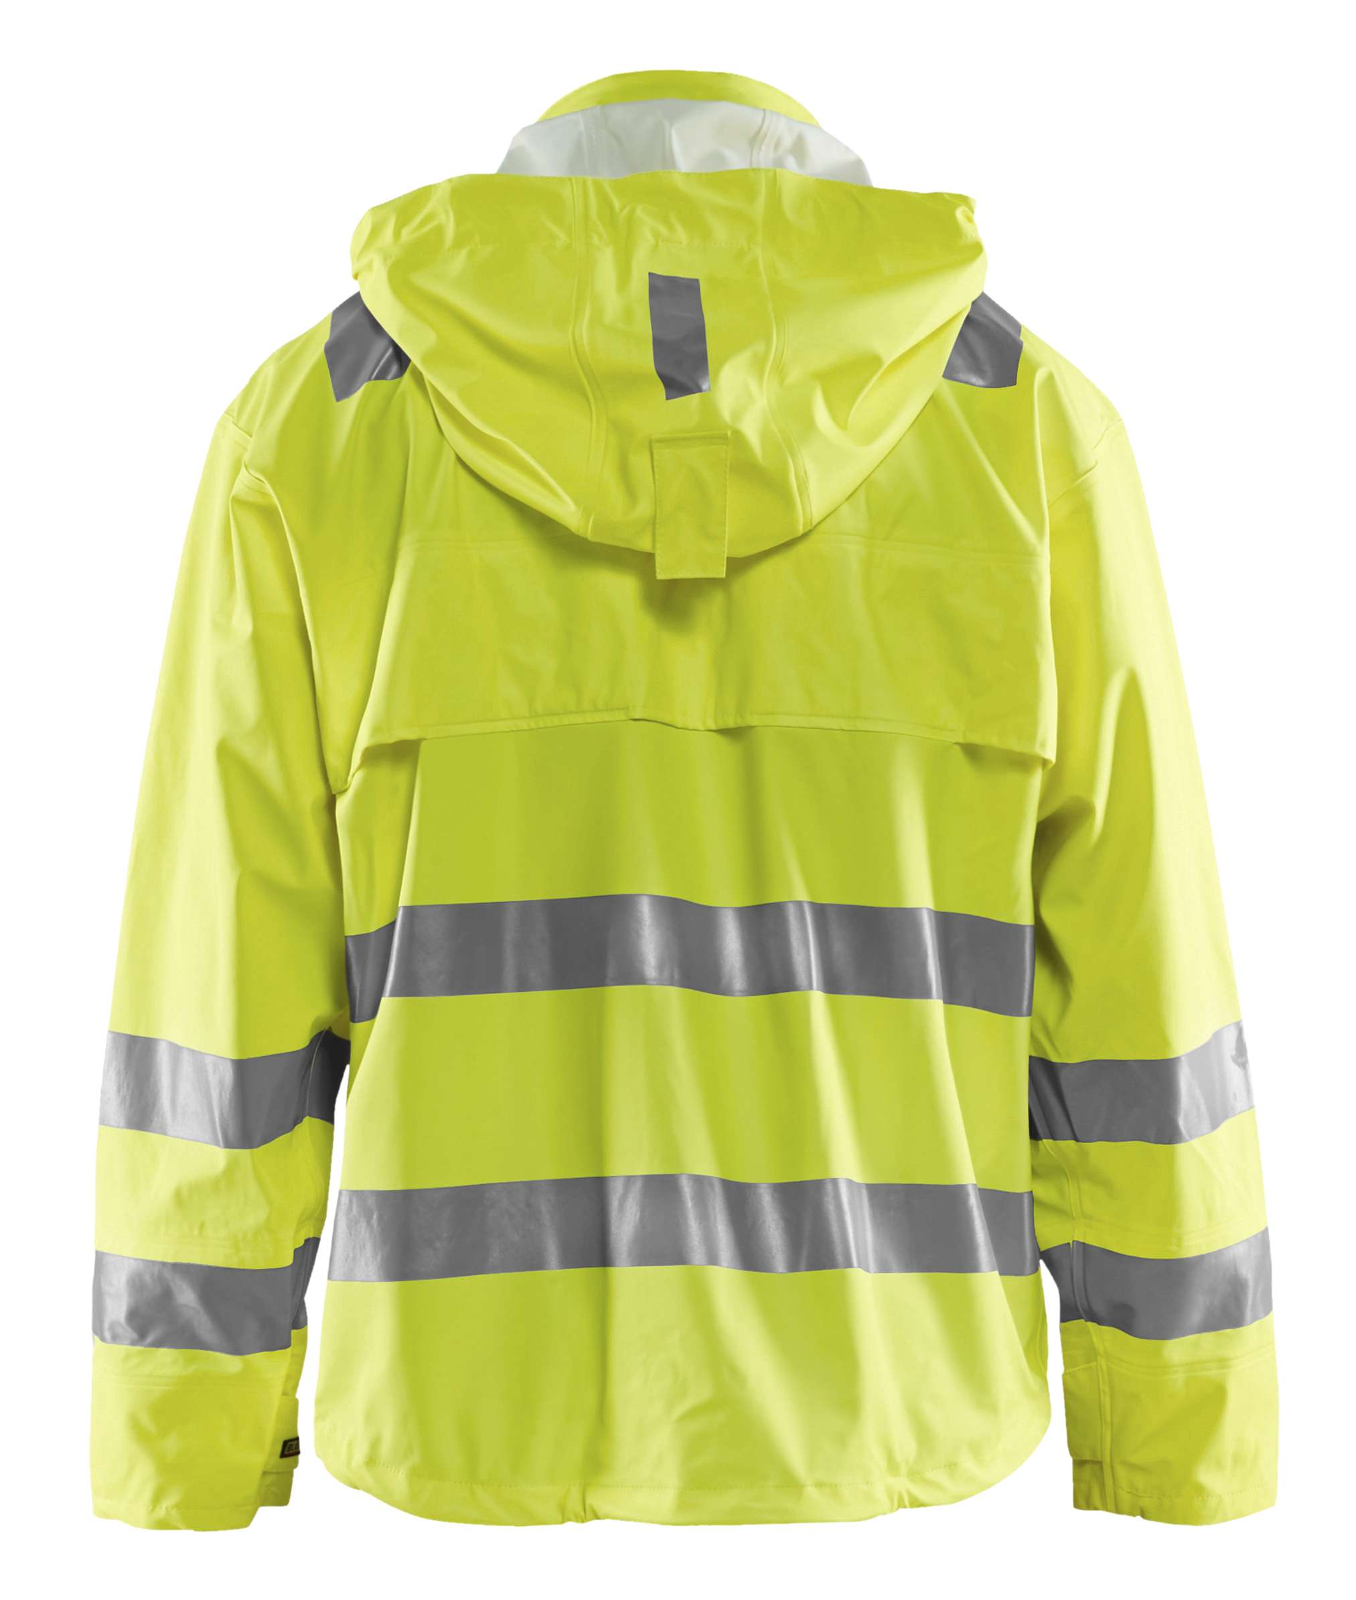 Blaklader Regenjacks 43032009 Vlamvertragend geel(3300)